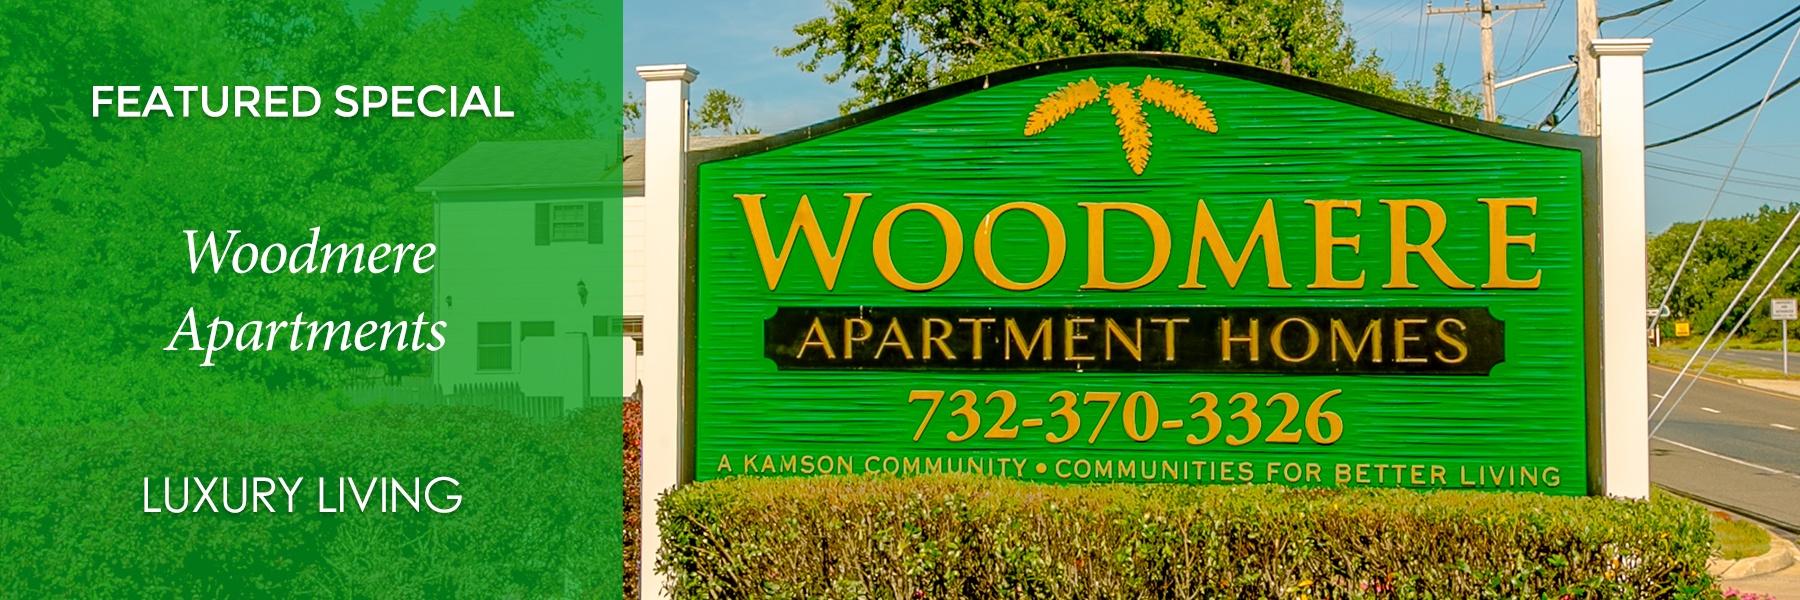 Woodmere Apartments specials